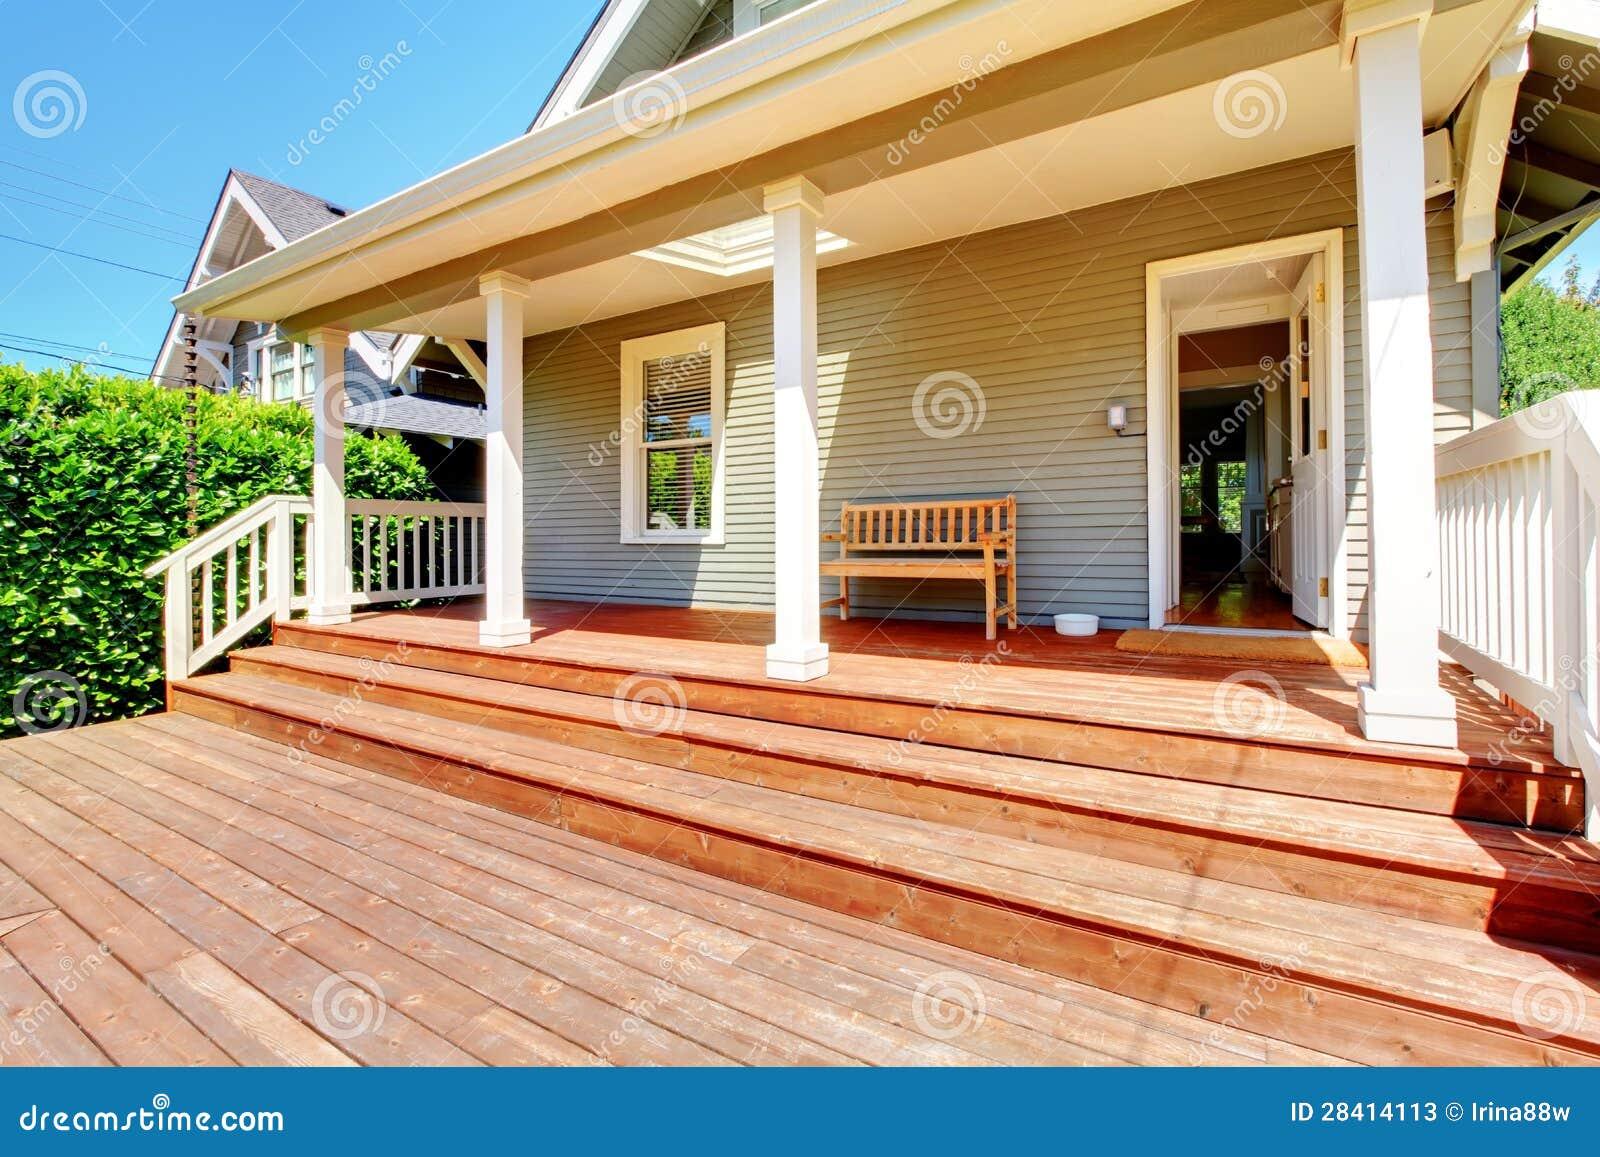 Porche arri re de petite maison grise avec le banc photos for Maison avec porche